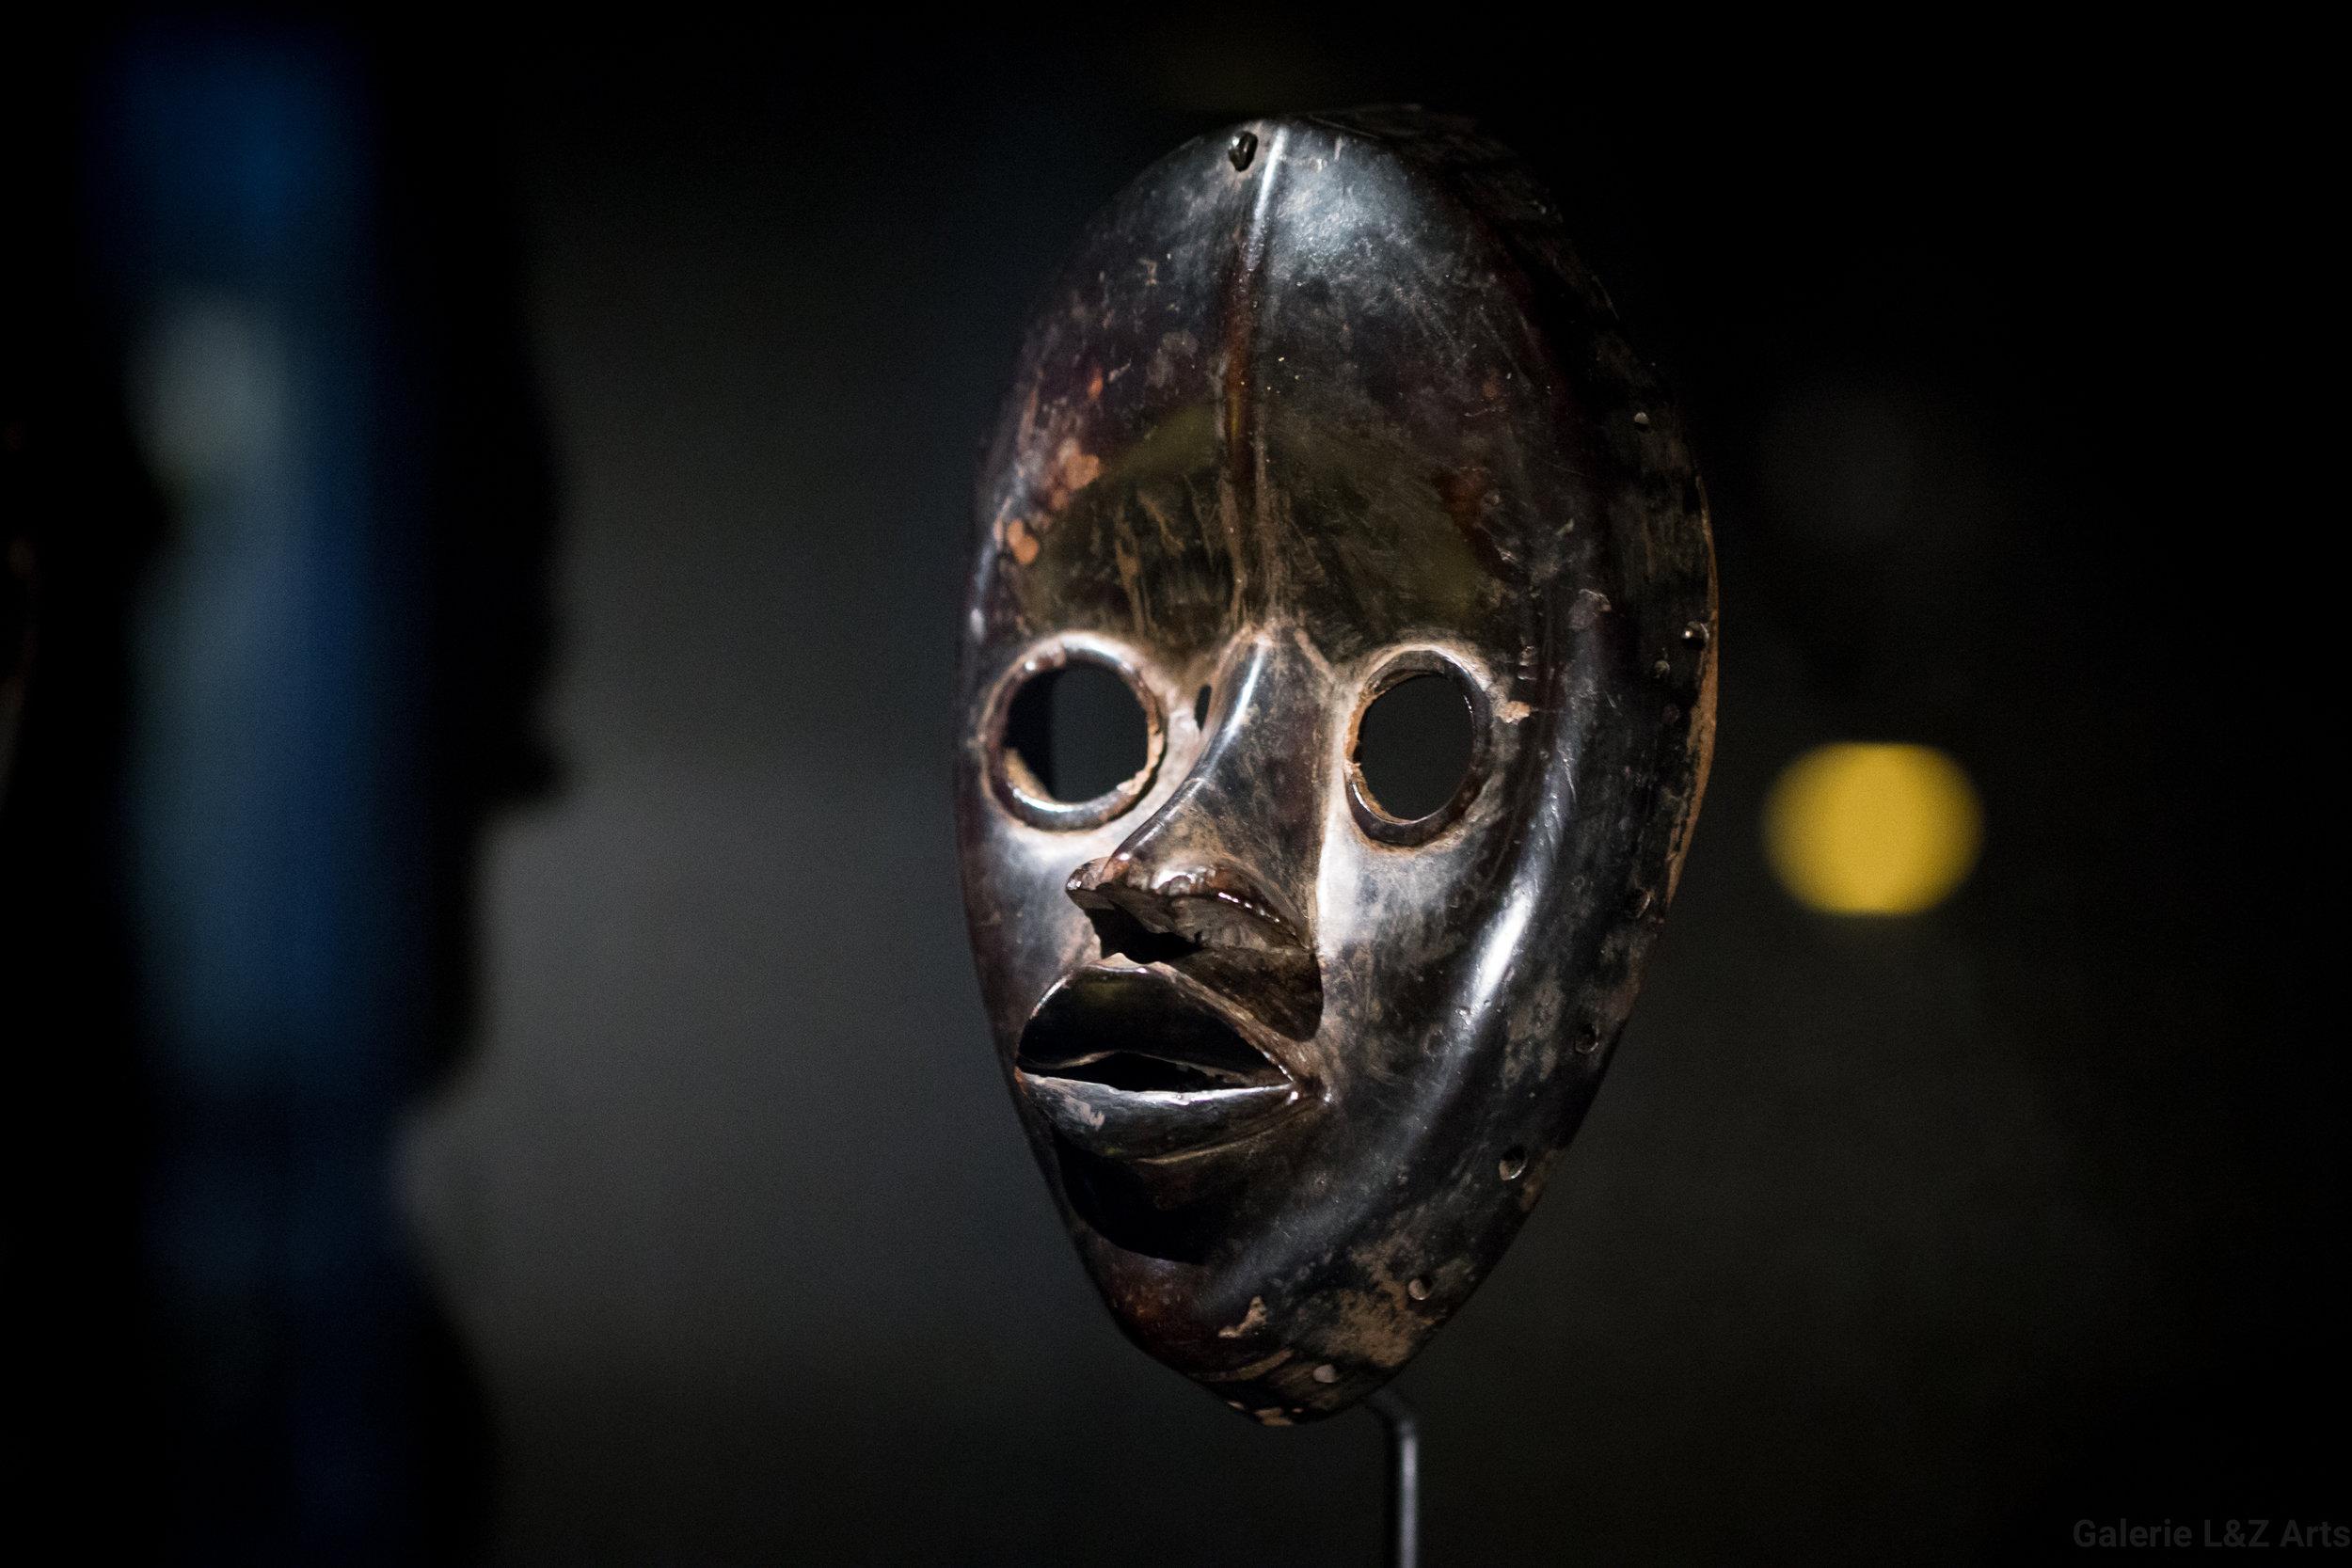 exposition-masque-art-tribal-africain-musee-quai-branly-belgique-galerie-lz-arts-liege-cite-miroir-oceanie-asie-japon-amerique-art-premier-nepal-4.jpg